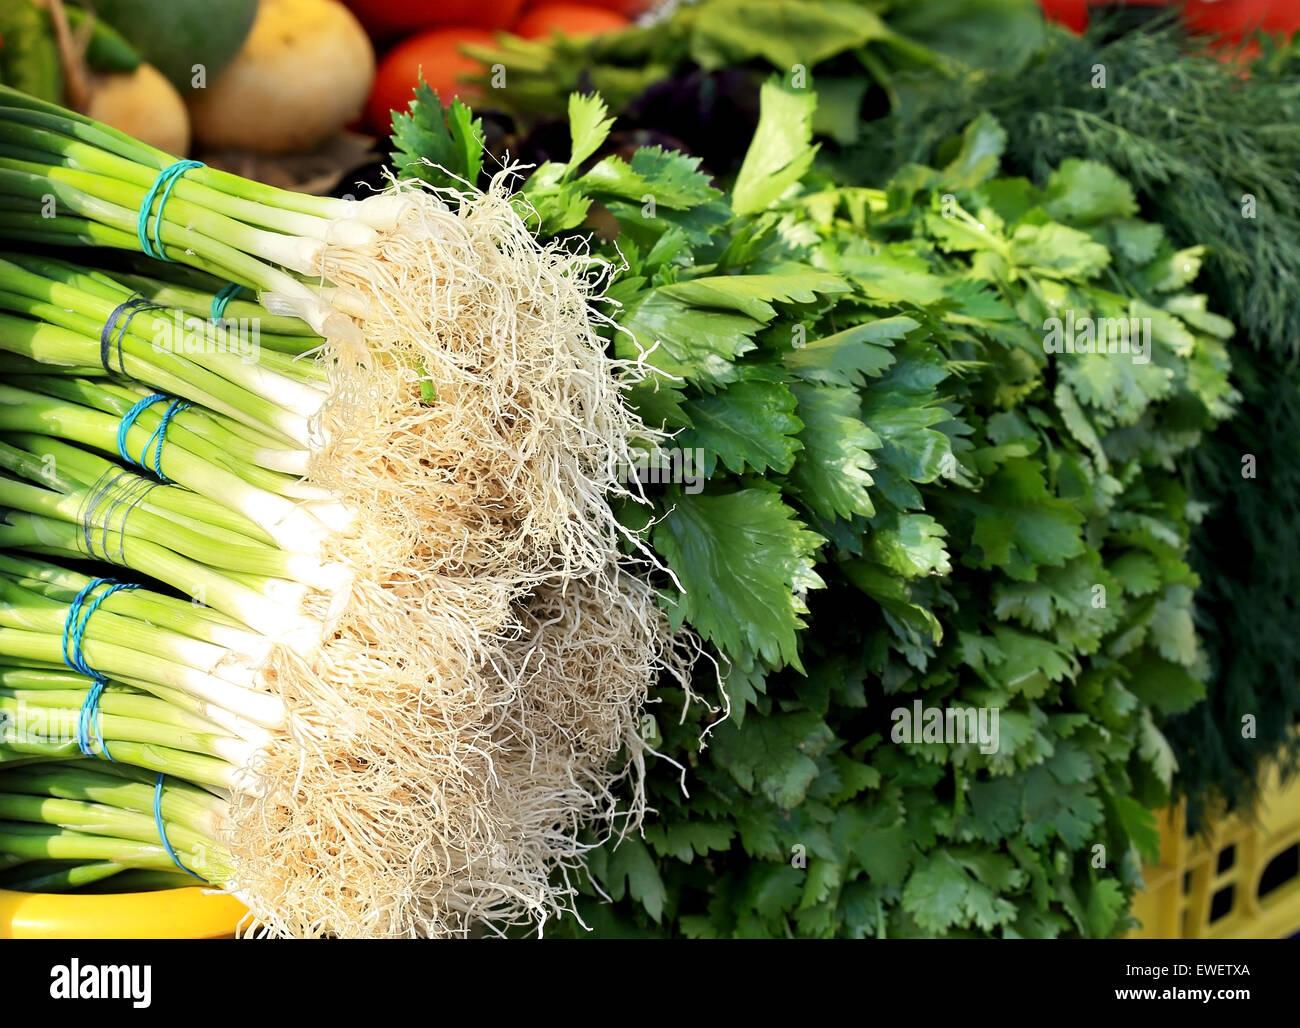 L'oignon vert, le persil, l'aneth sur le comptoir de vente Photo Stock